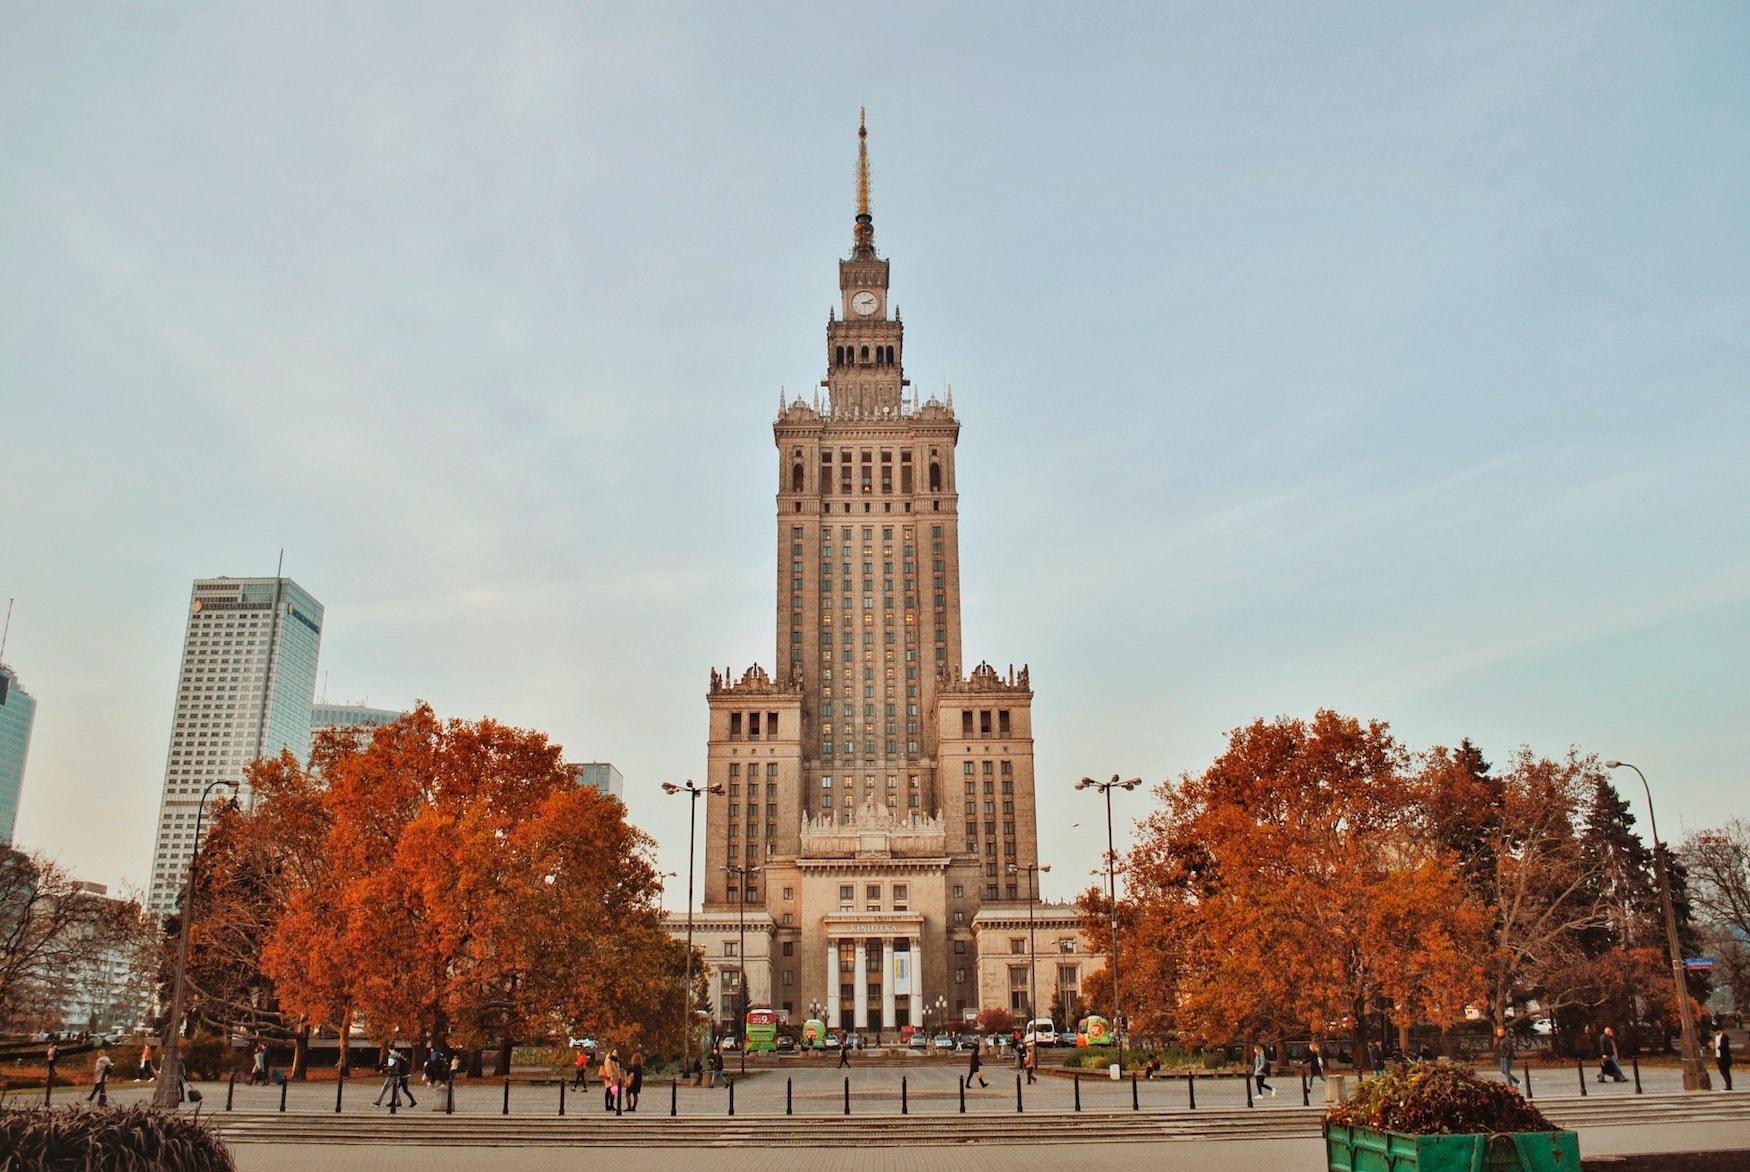 Palast der Kultur und Wissenschaft